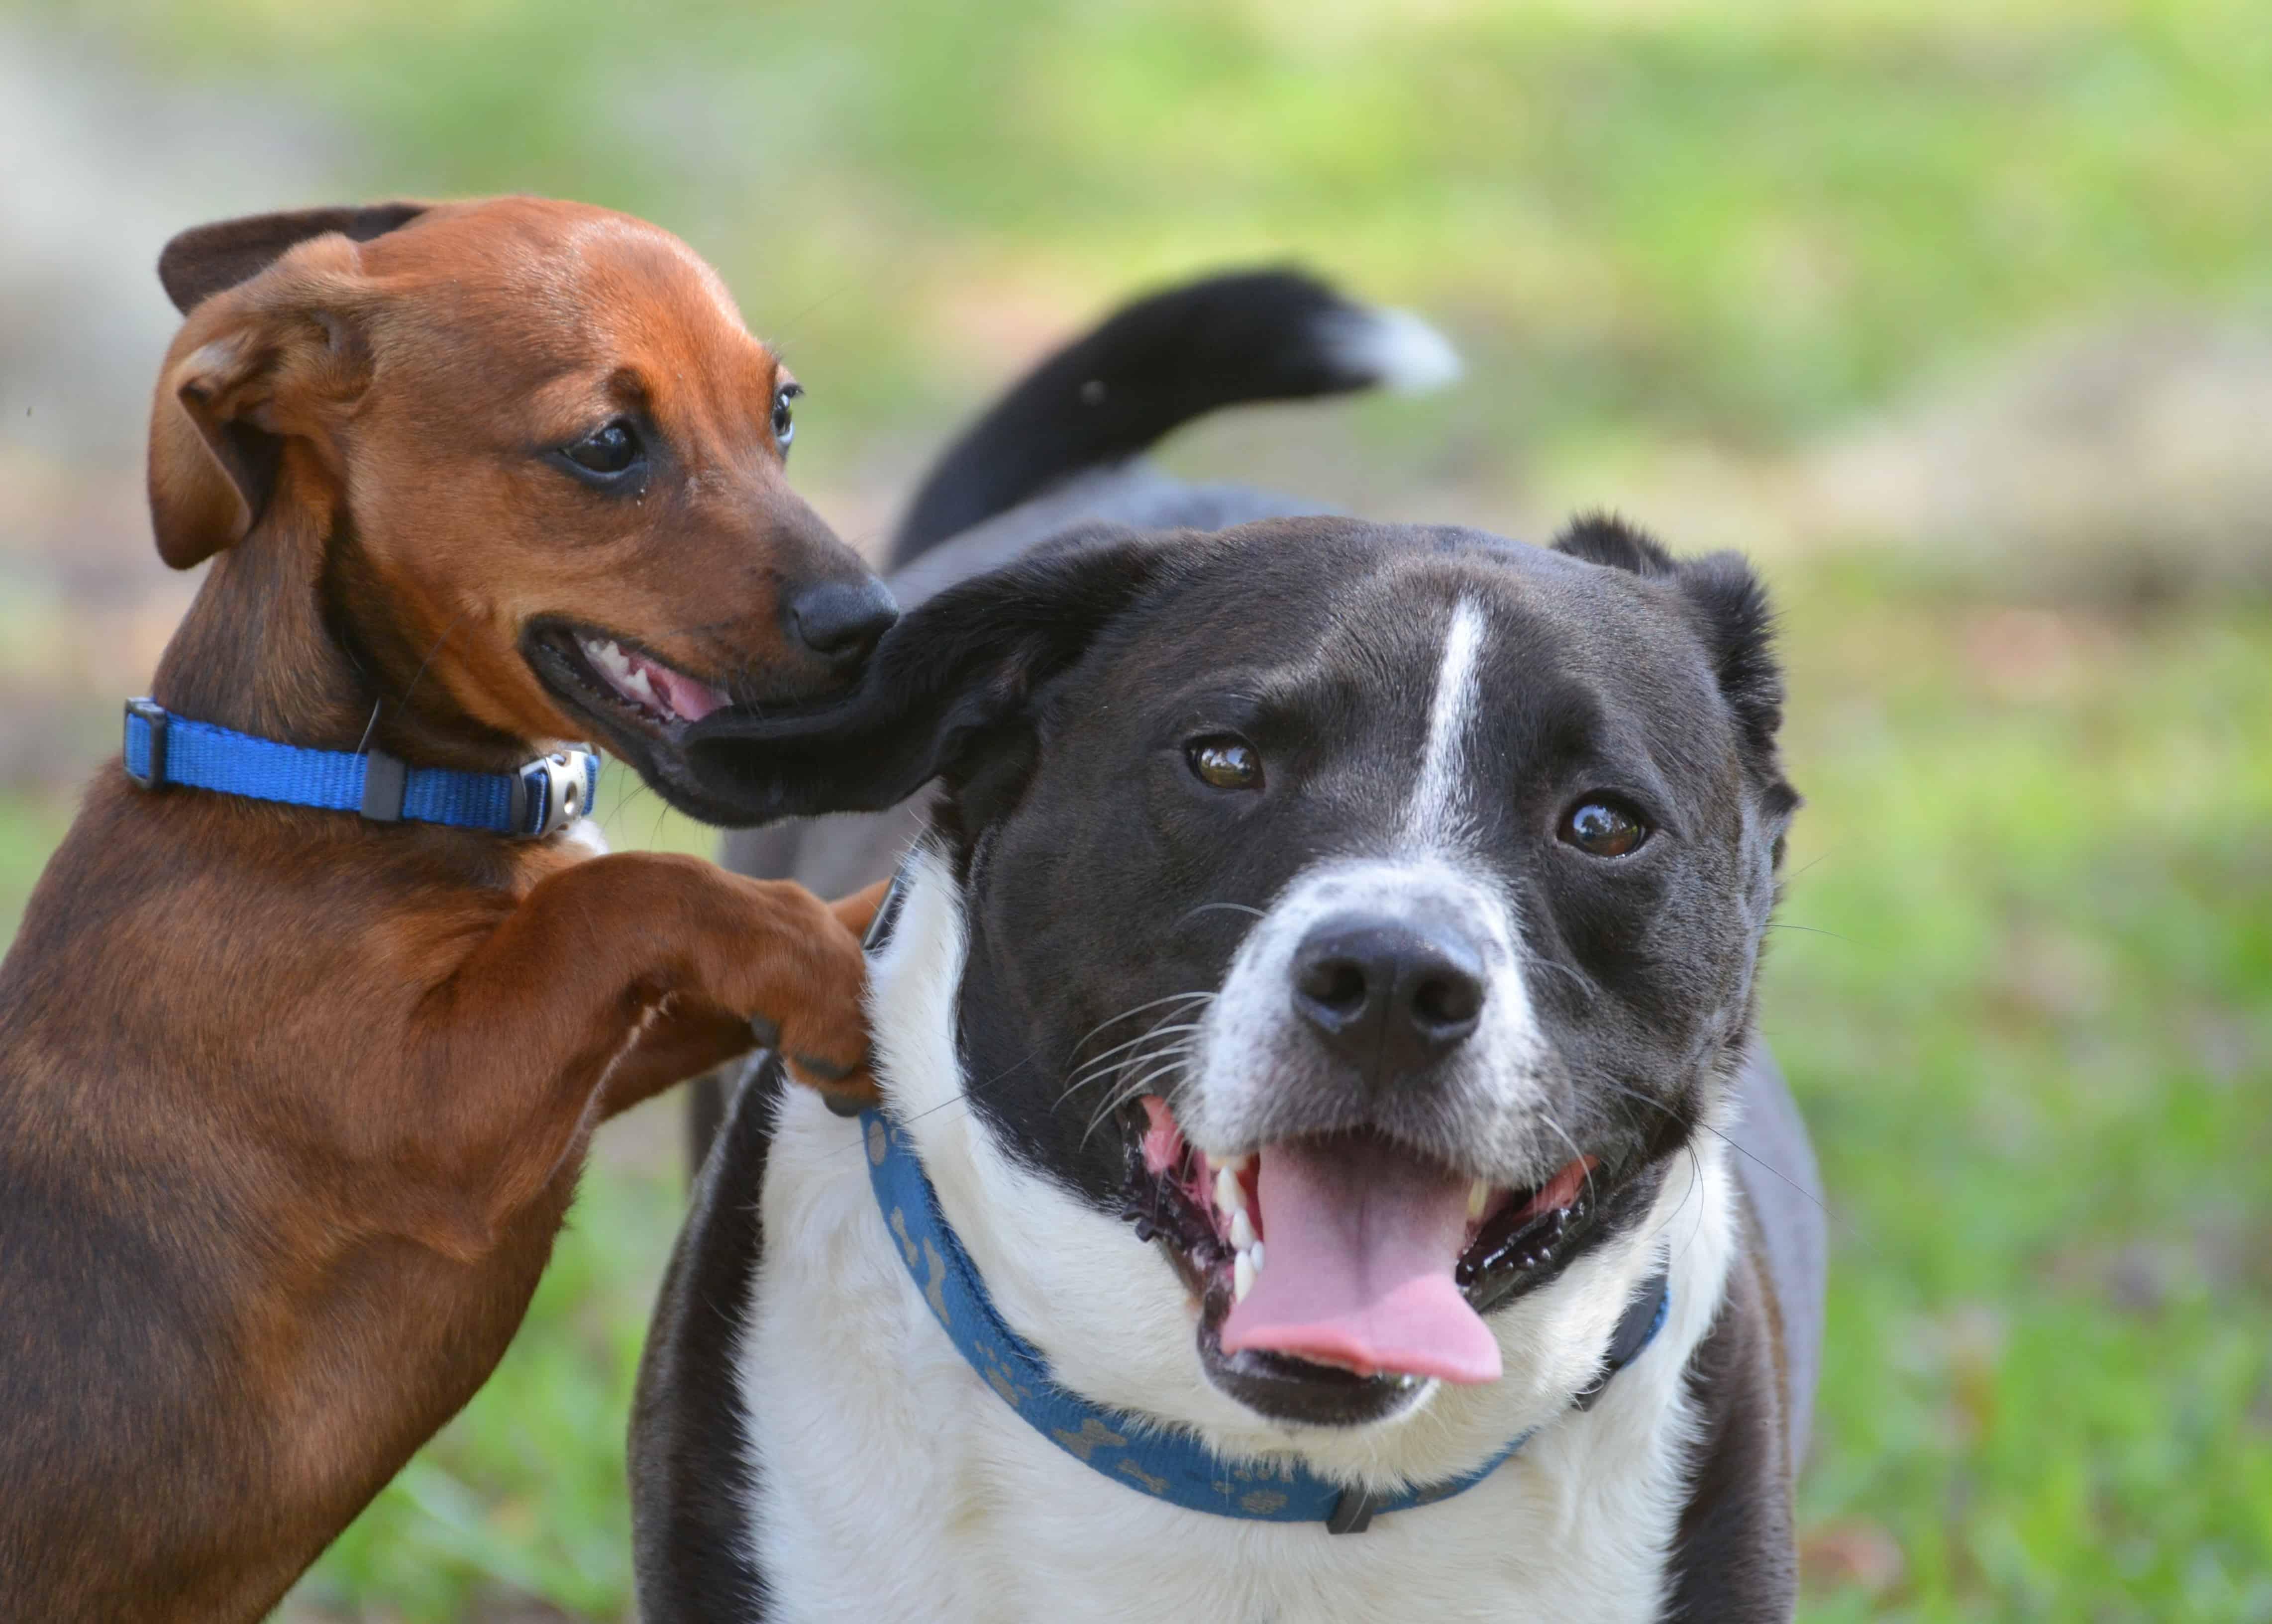 dog bullying